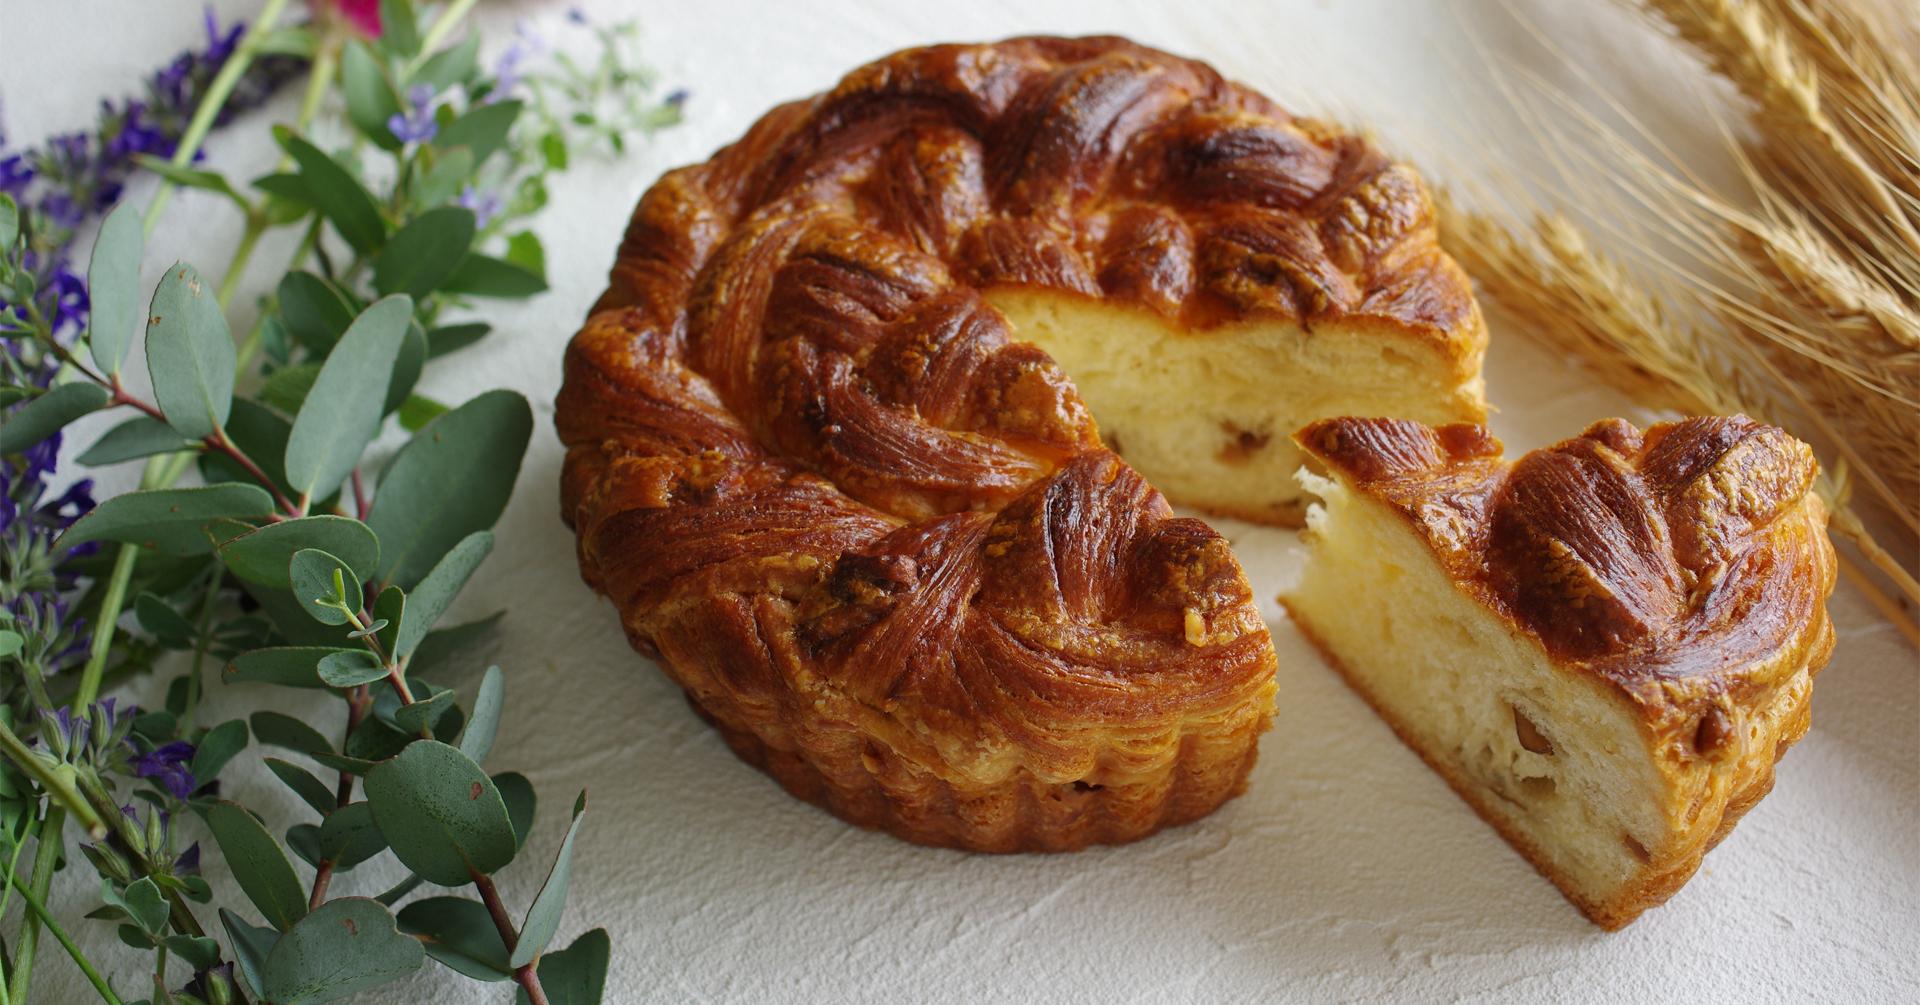 Boulangerie NoPellメイン画像